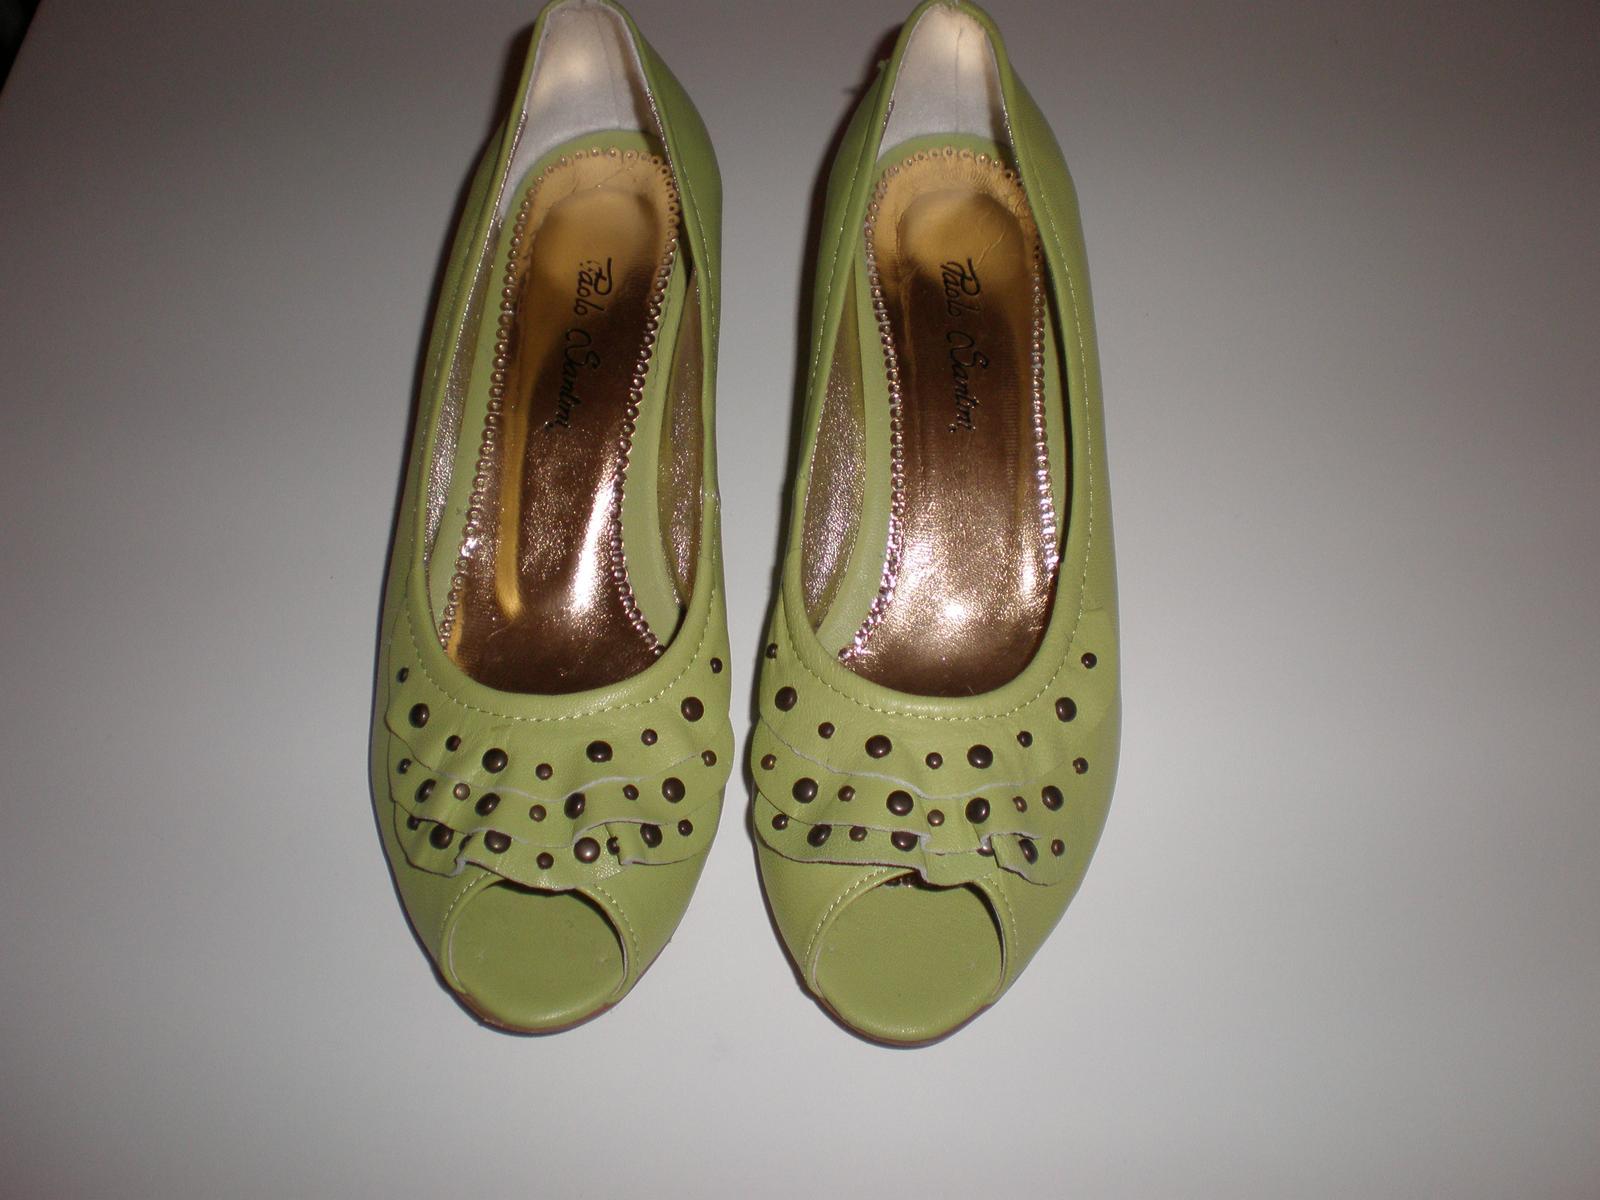 Co máme na naši svatbičku - zelené botky